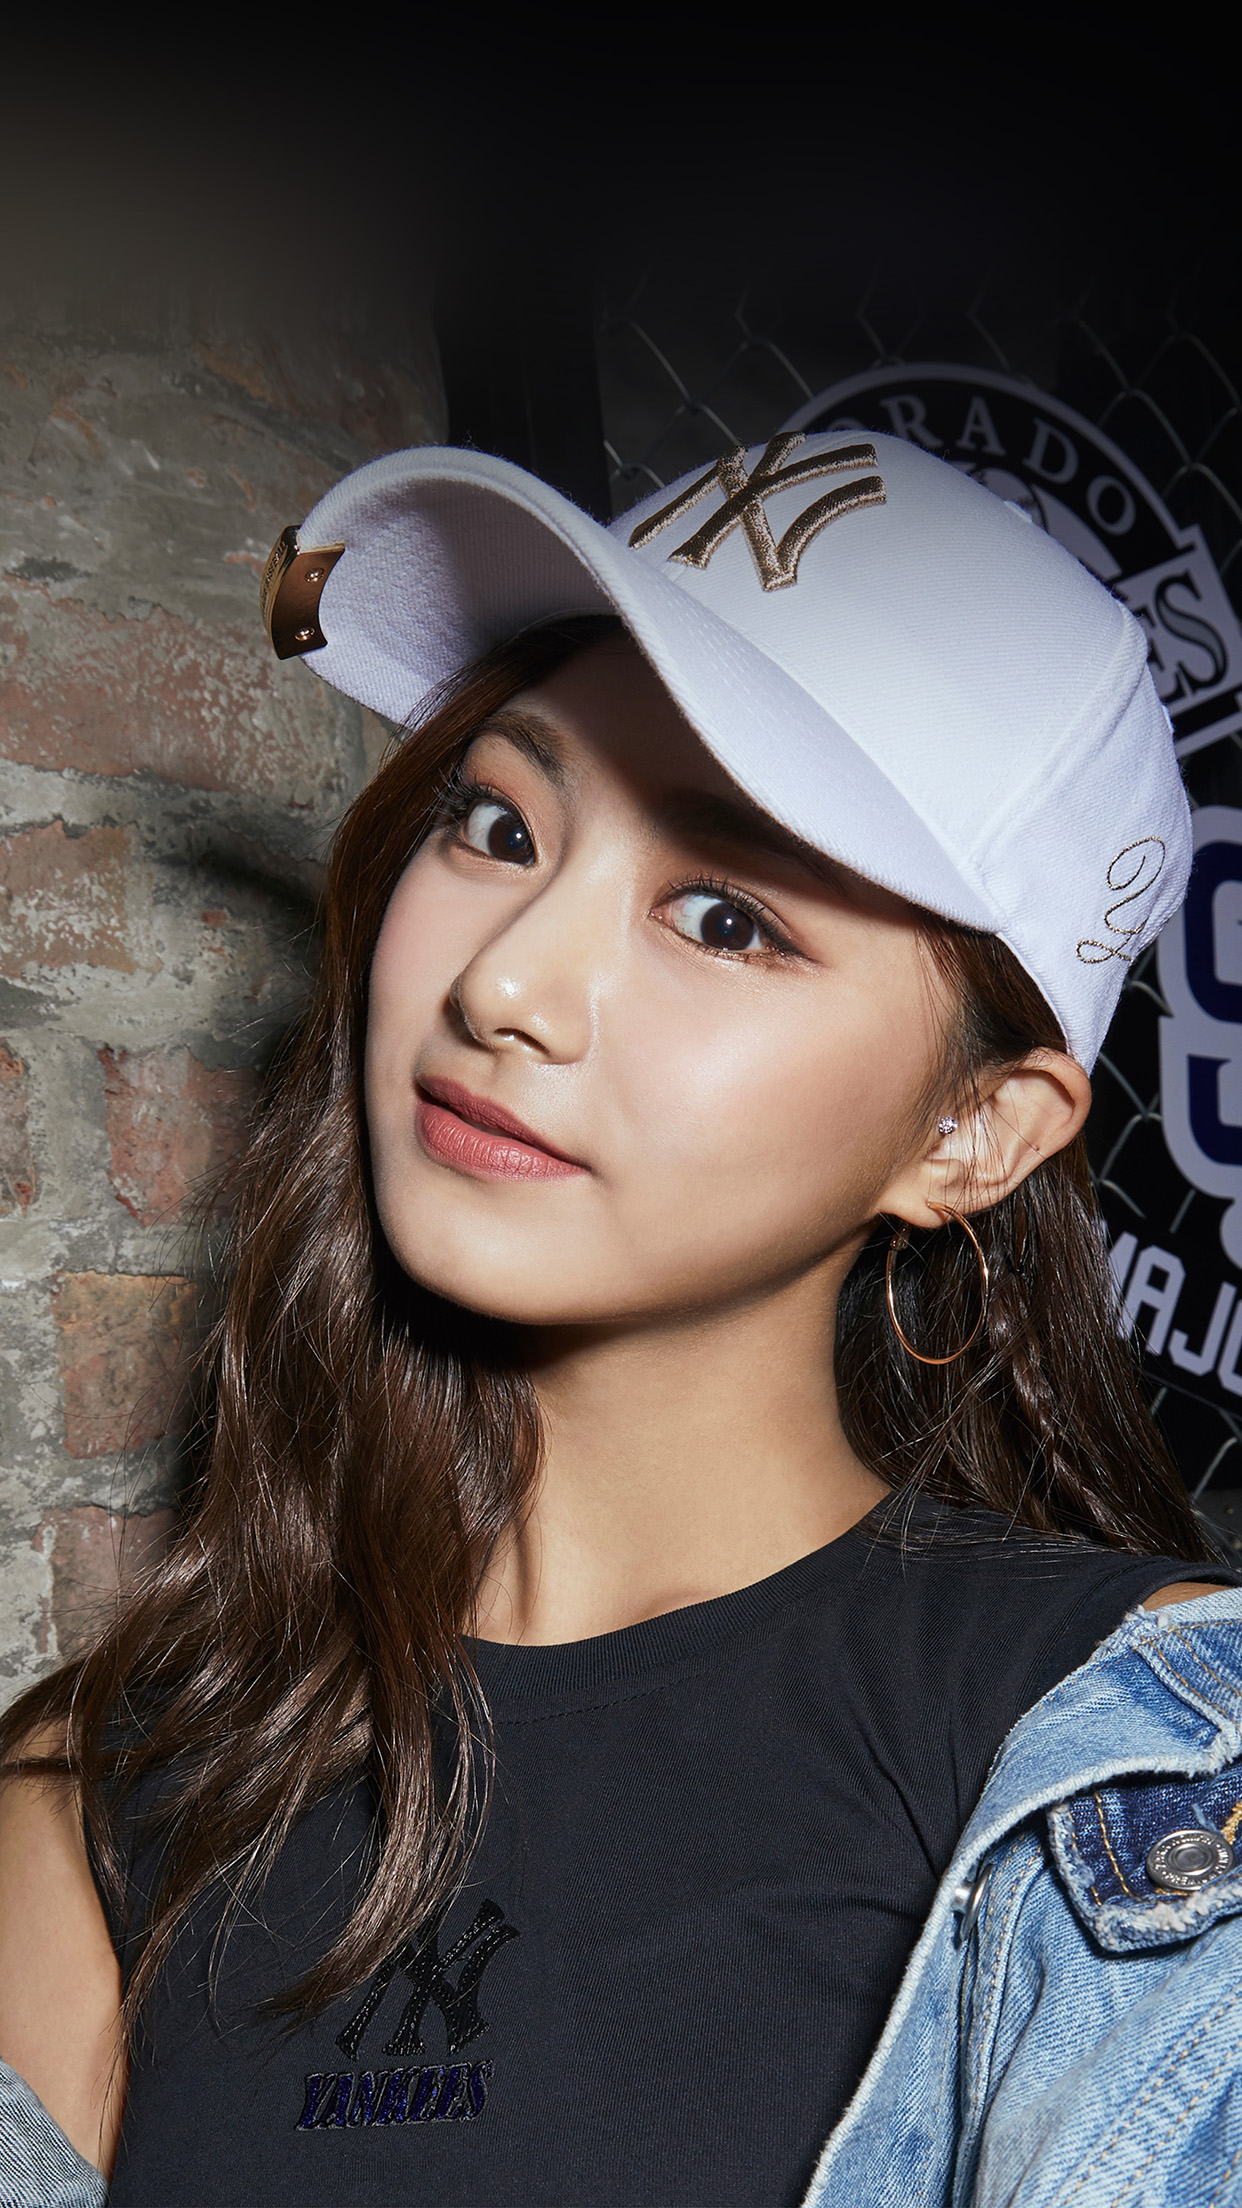 Iphone7paperscom Iphone7 Wallpaper Ho04 Kpop Girl Twice